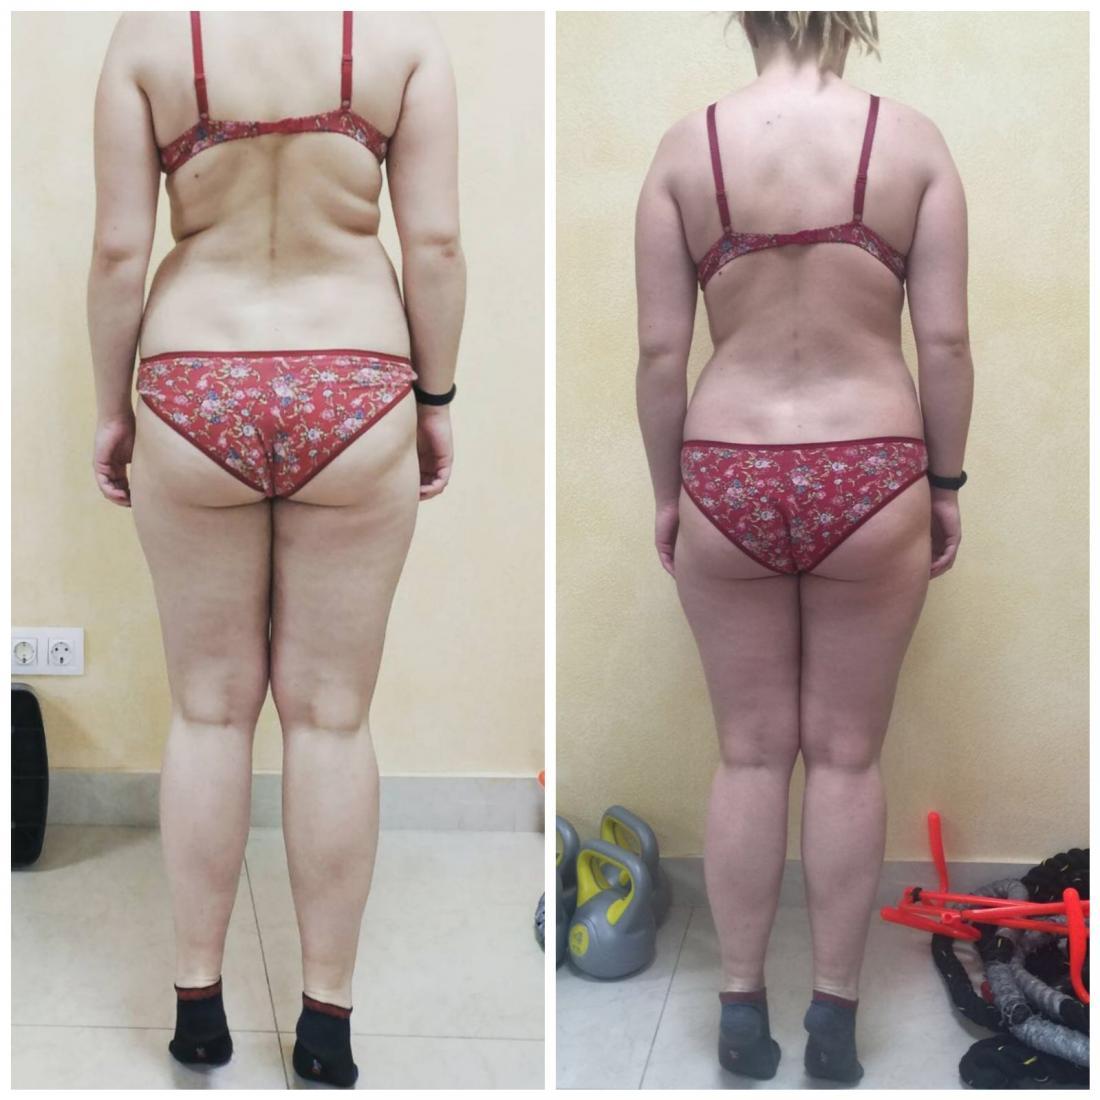 Различные виды фитнеса всего от 3 руб. за занятие + безлимит на 7 месяцев всего 390 руб.